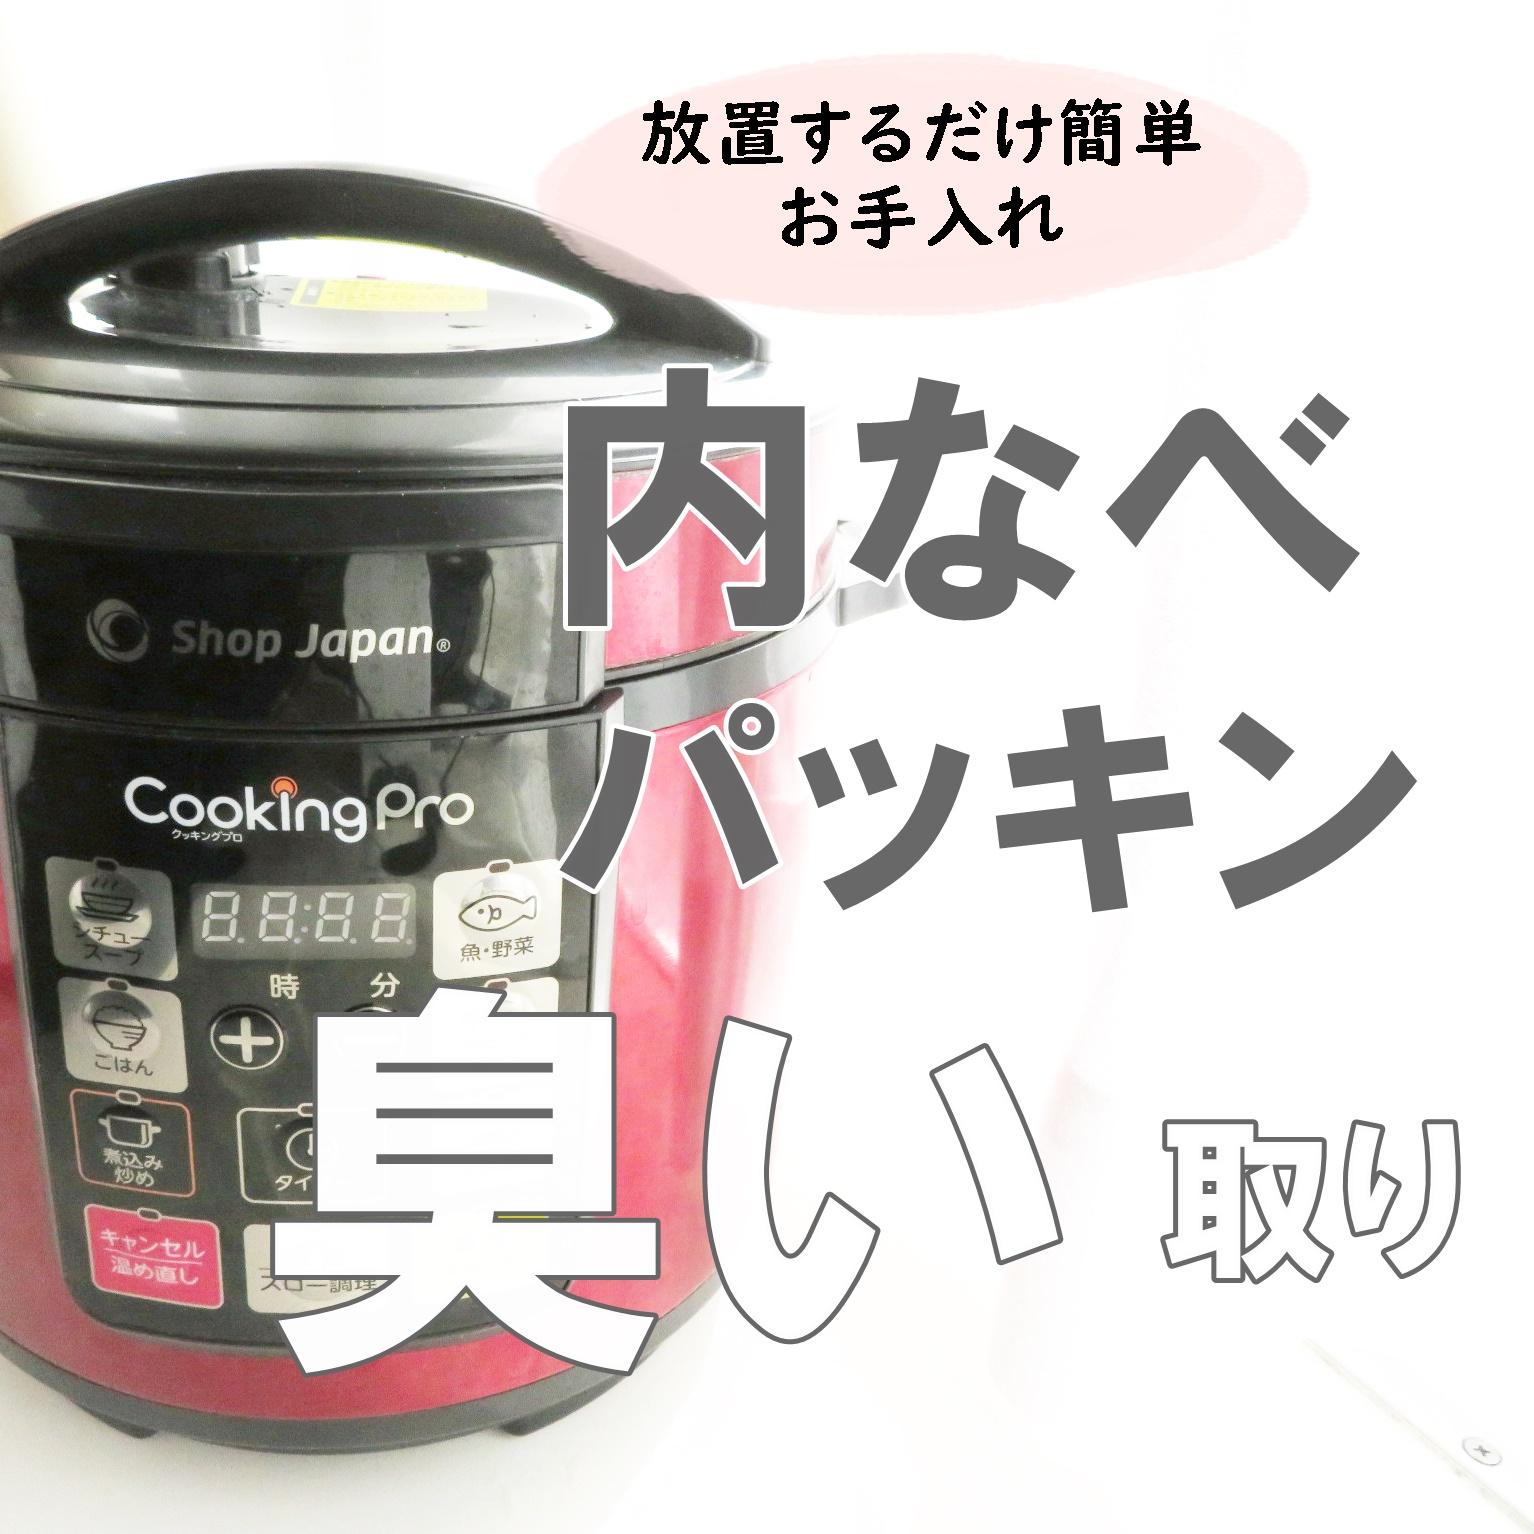 電気圧力鍋の臭い対策